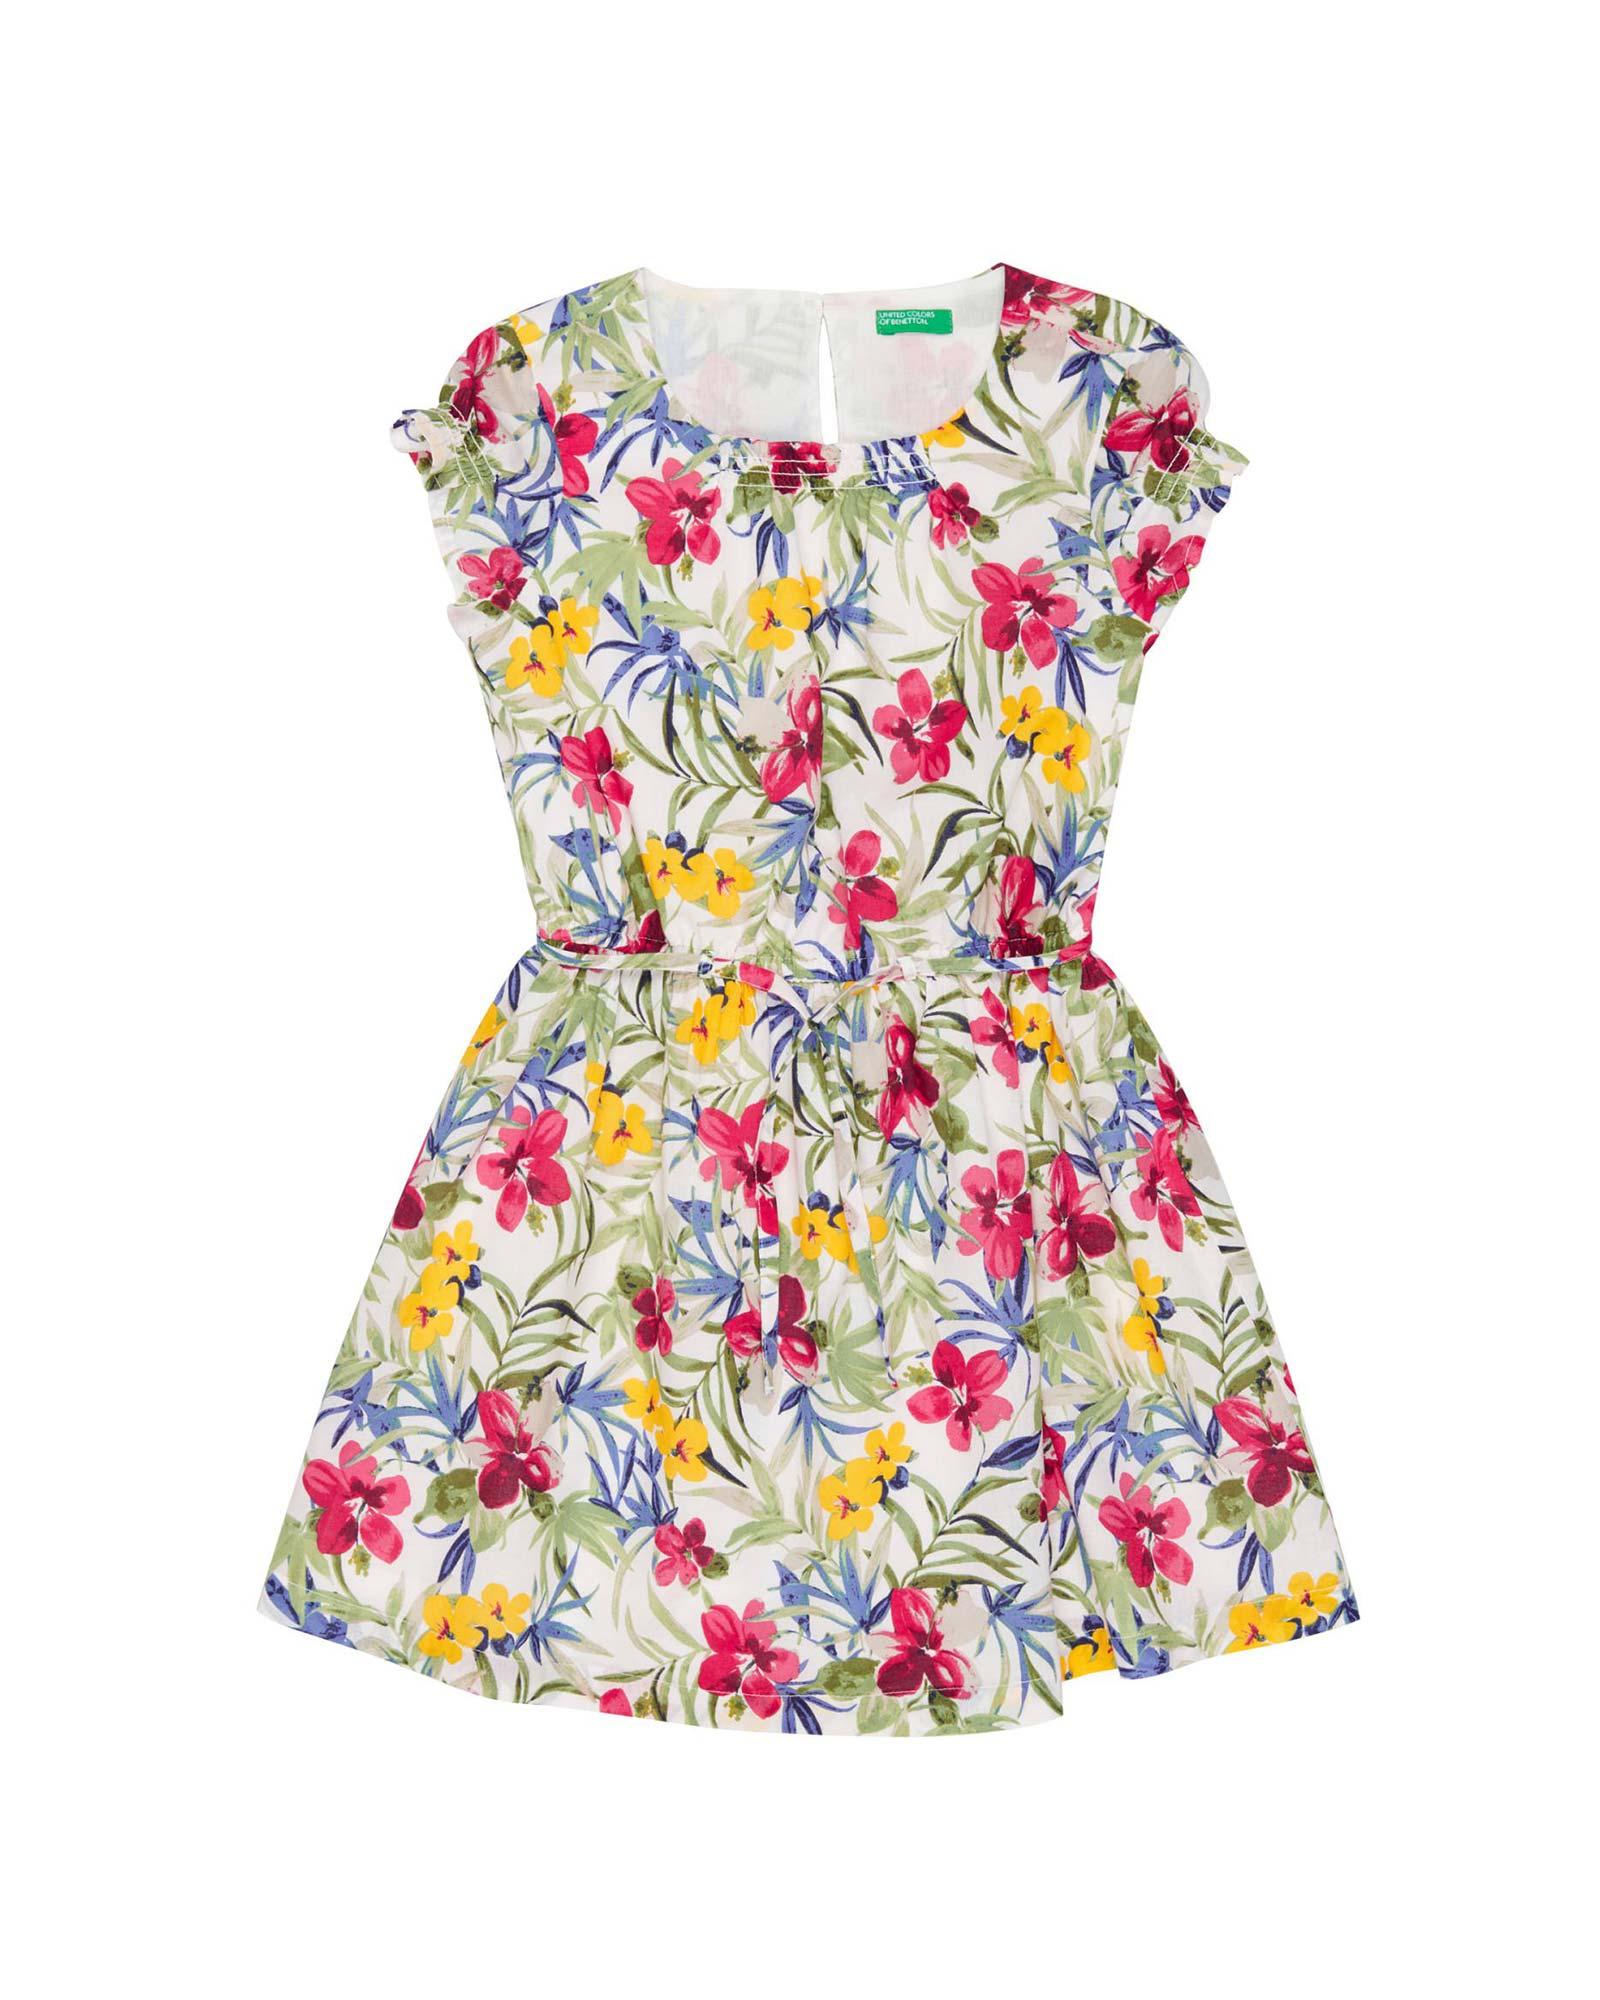 a83cd841fa2b Abbigliamento Bambina Collezione Bimbi 2019